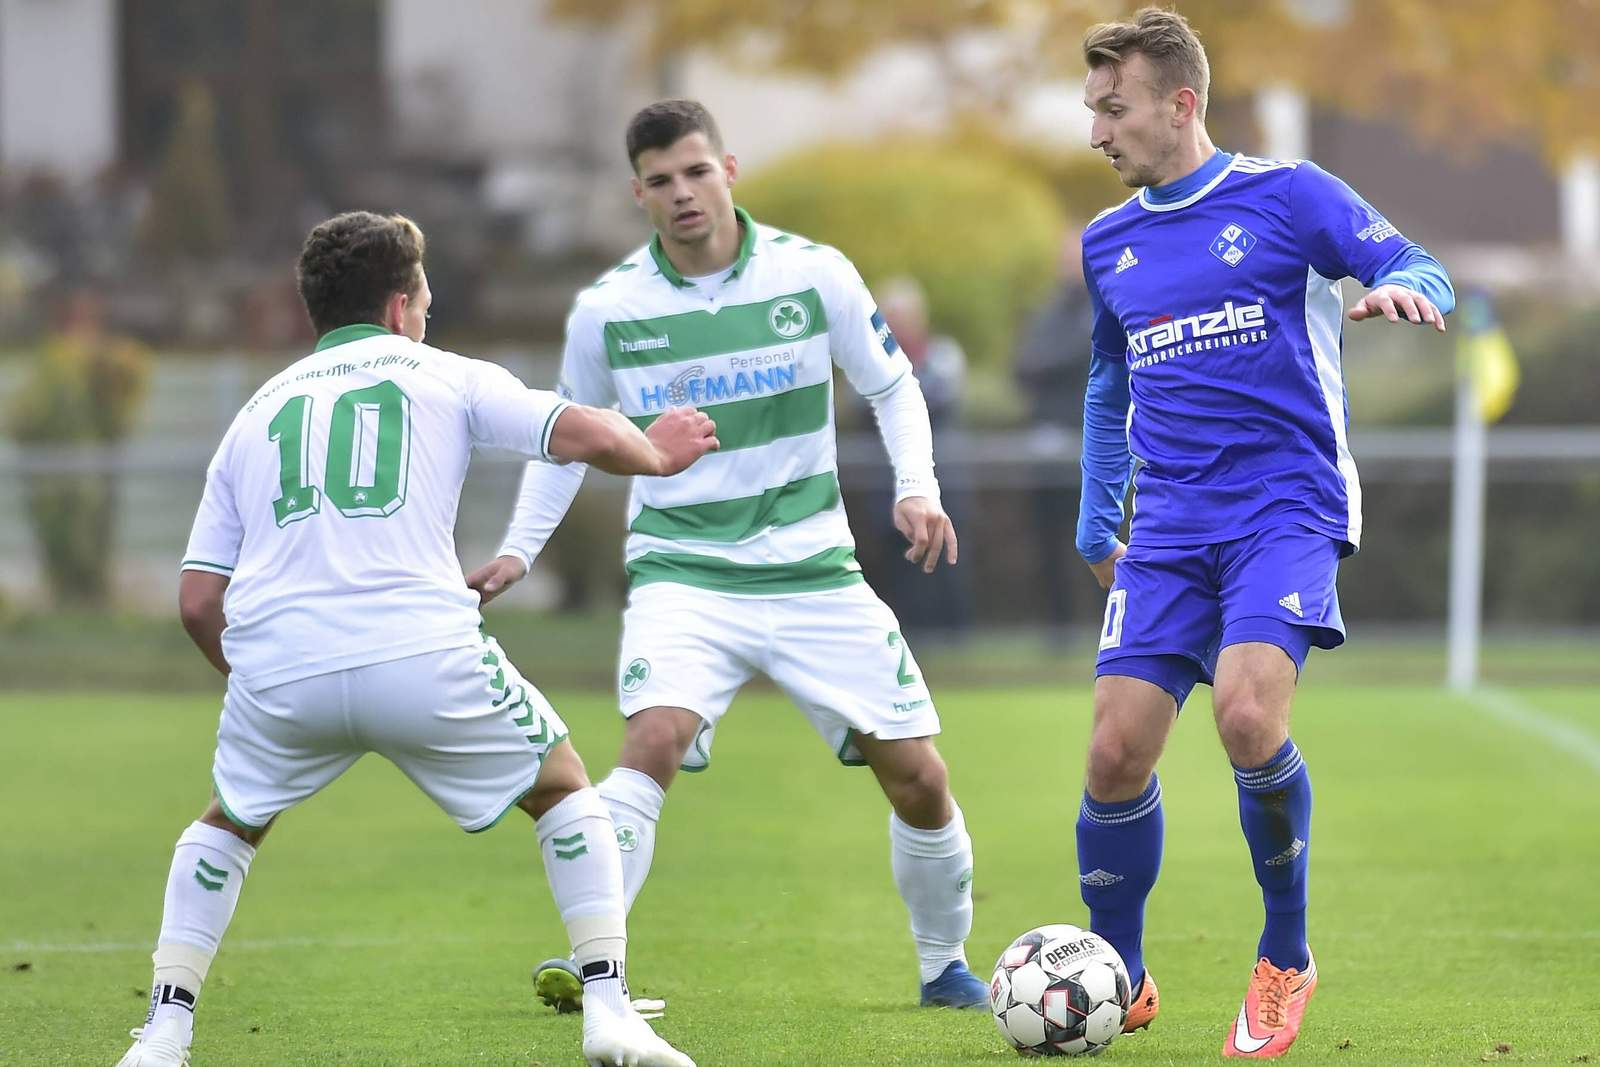 Felix Schröter vom FC Illertissen im Spiel gegen Fürth